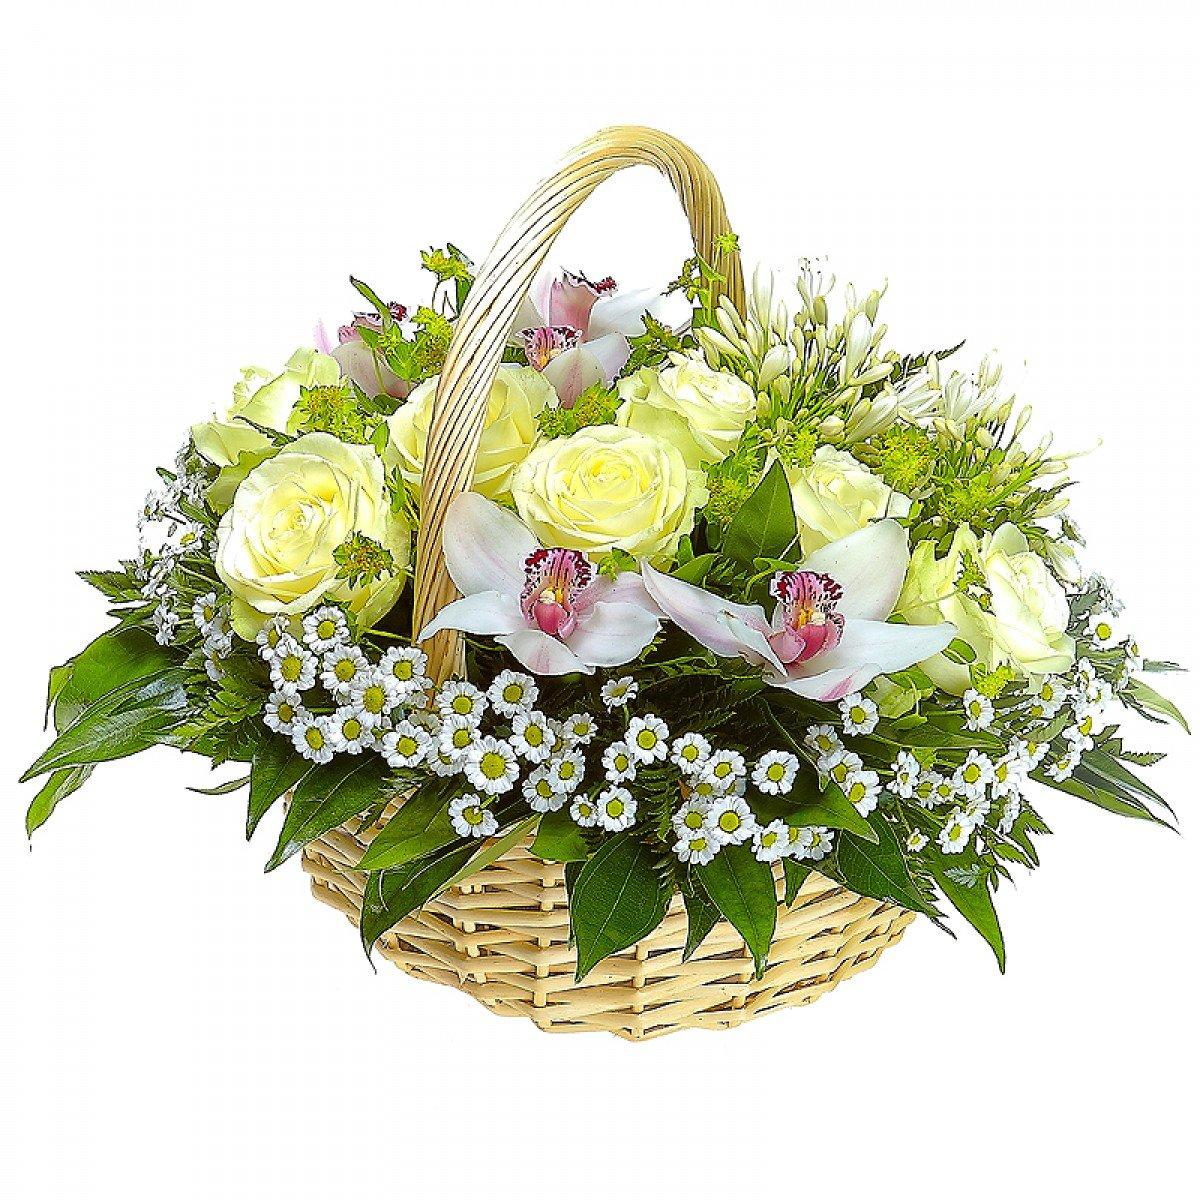 Композиции цветов в корзине купить минск, цветов оптовая московская